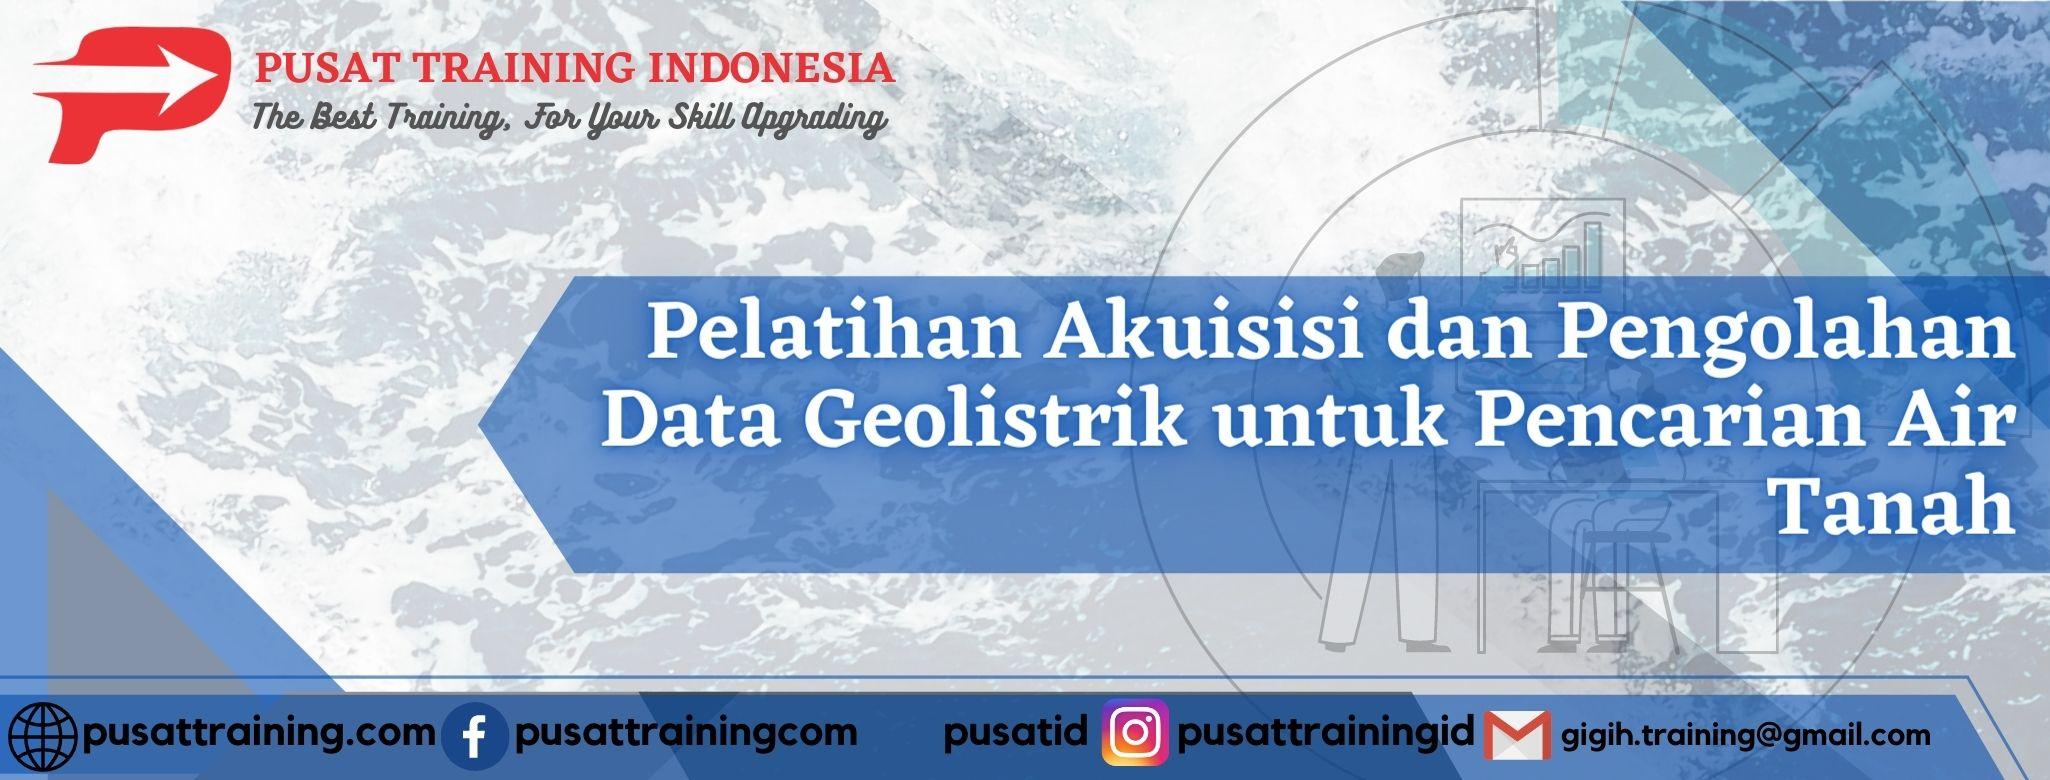 Pelatihan-Akuisisi-dan-Pengolahan-Data-Geolistrik-untuk-Pencarian-Air-Tanah